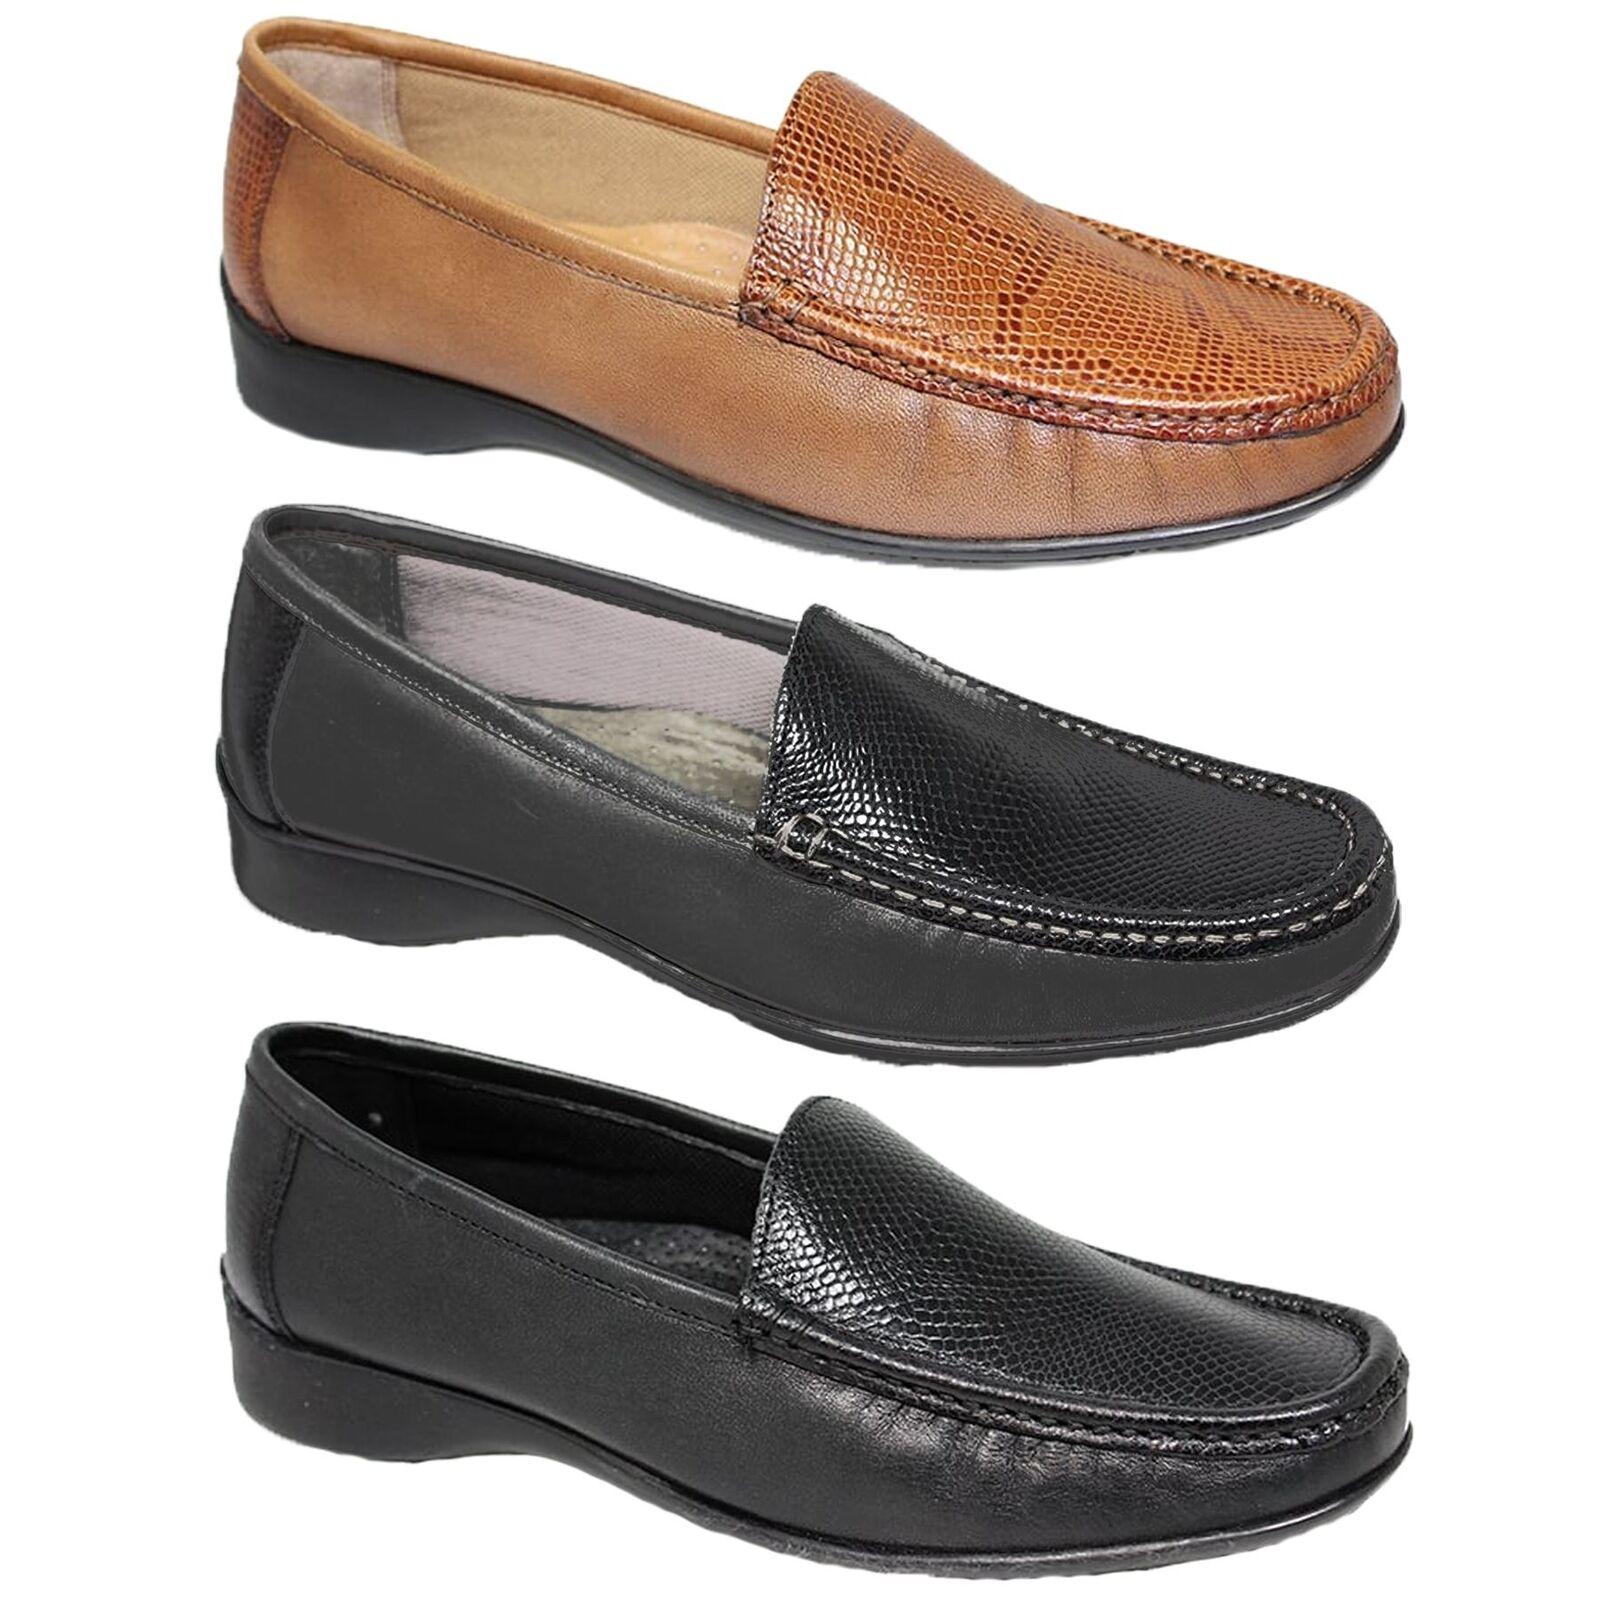 FLV002 Jenny Two Tone Moccasin Leder Snake Print Loafer Flats Schuhes